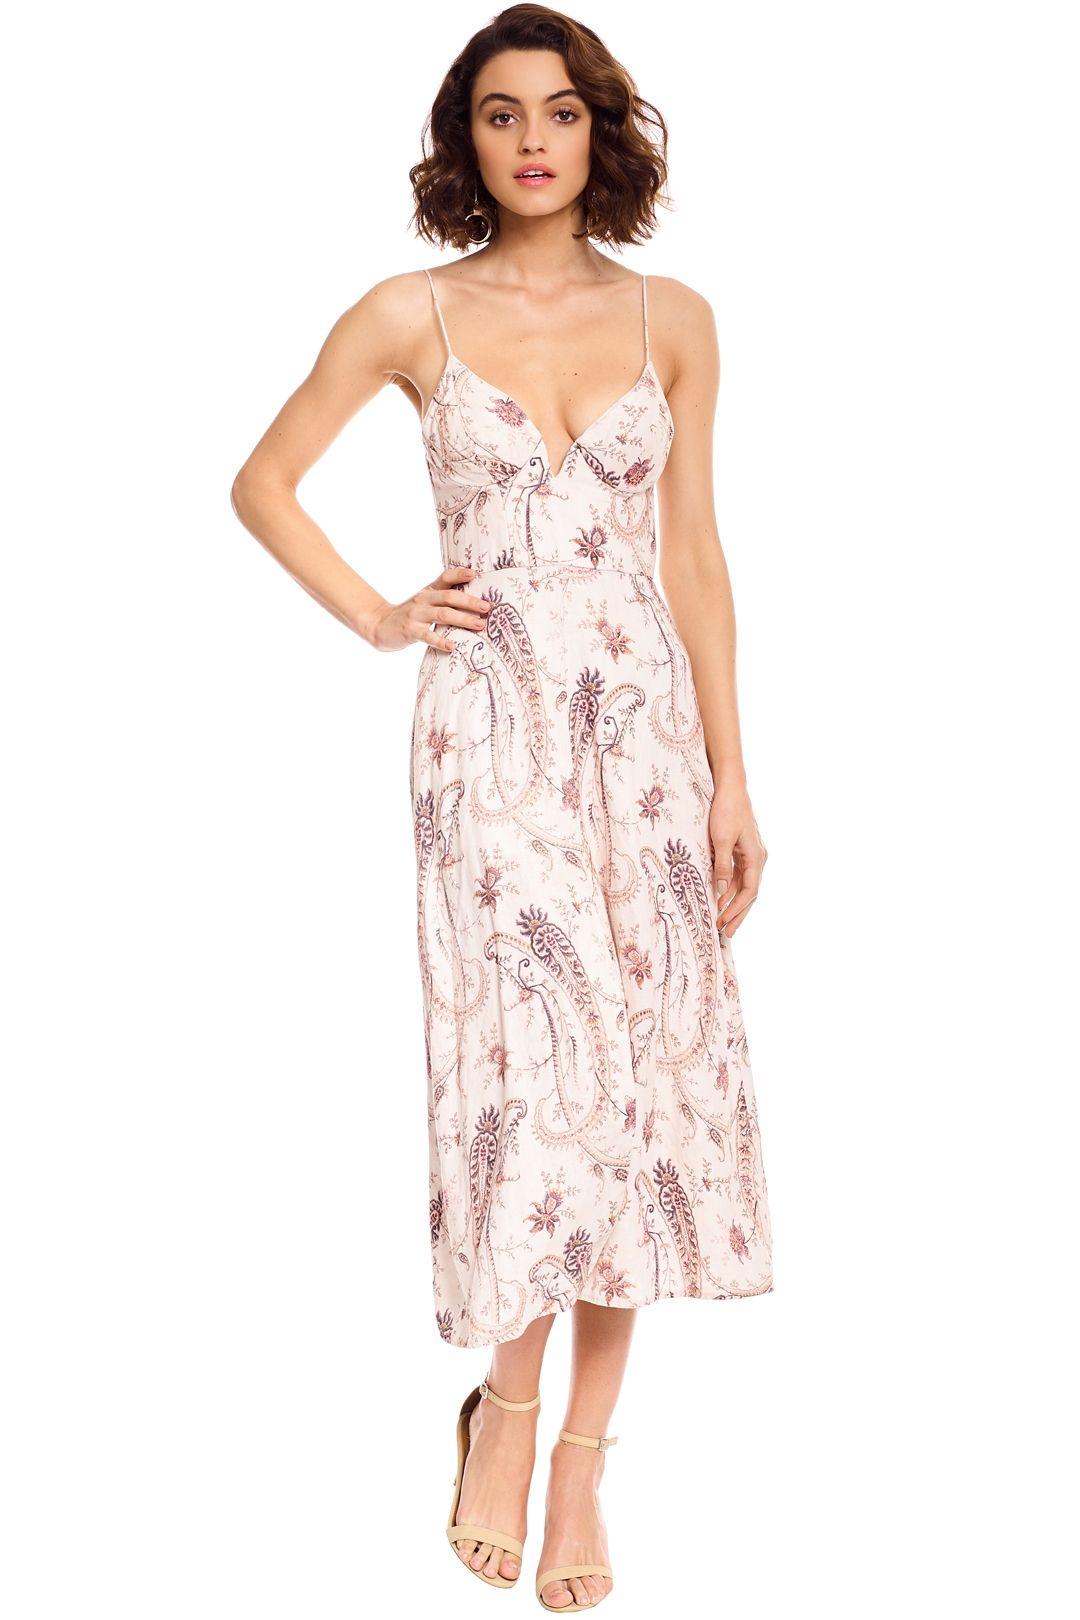 Zimmermann - Mischief Bralette Dress - Ivory Floral - Front